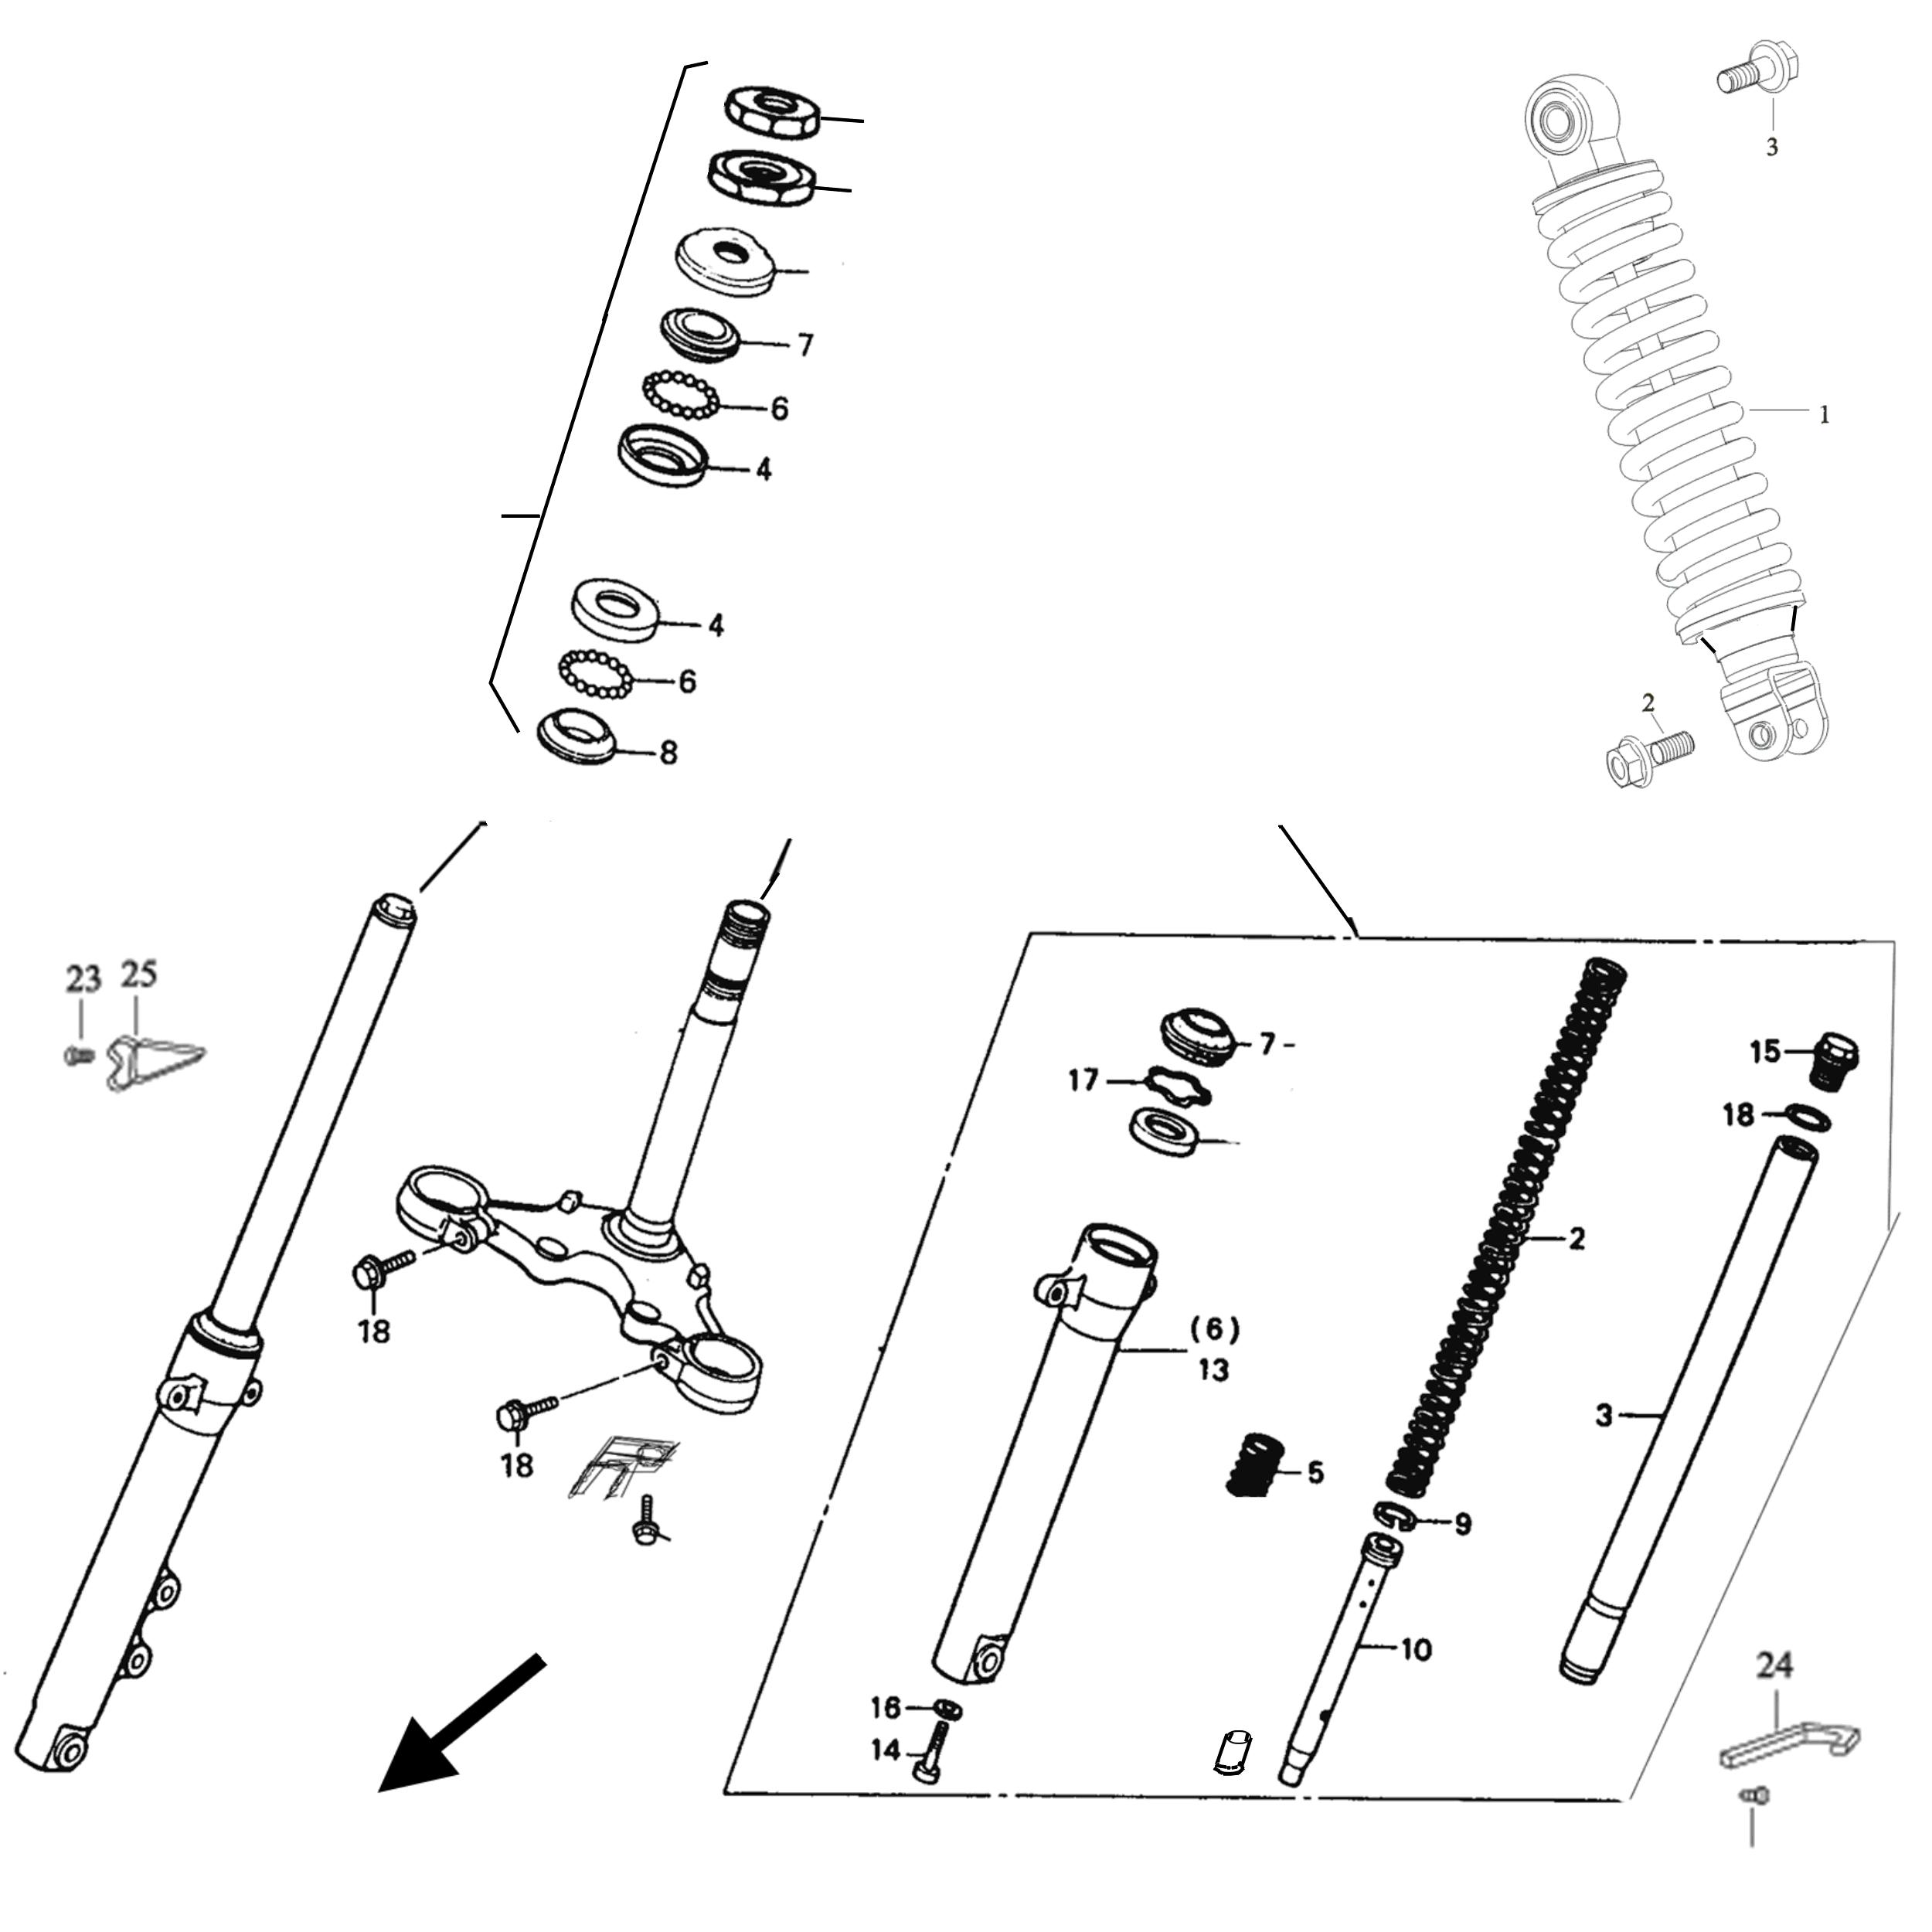 Gabel Dämpfung Baugruppen Aufbau Fahrgestell Xr 50 Rivero